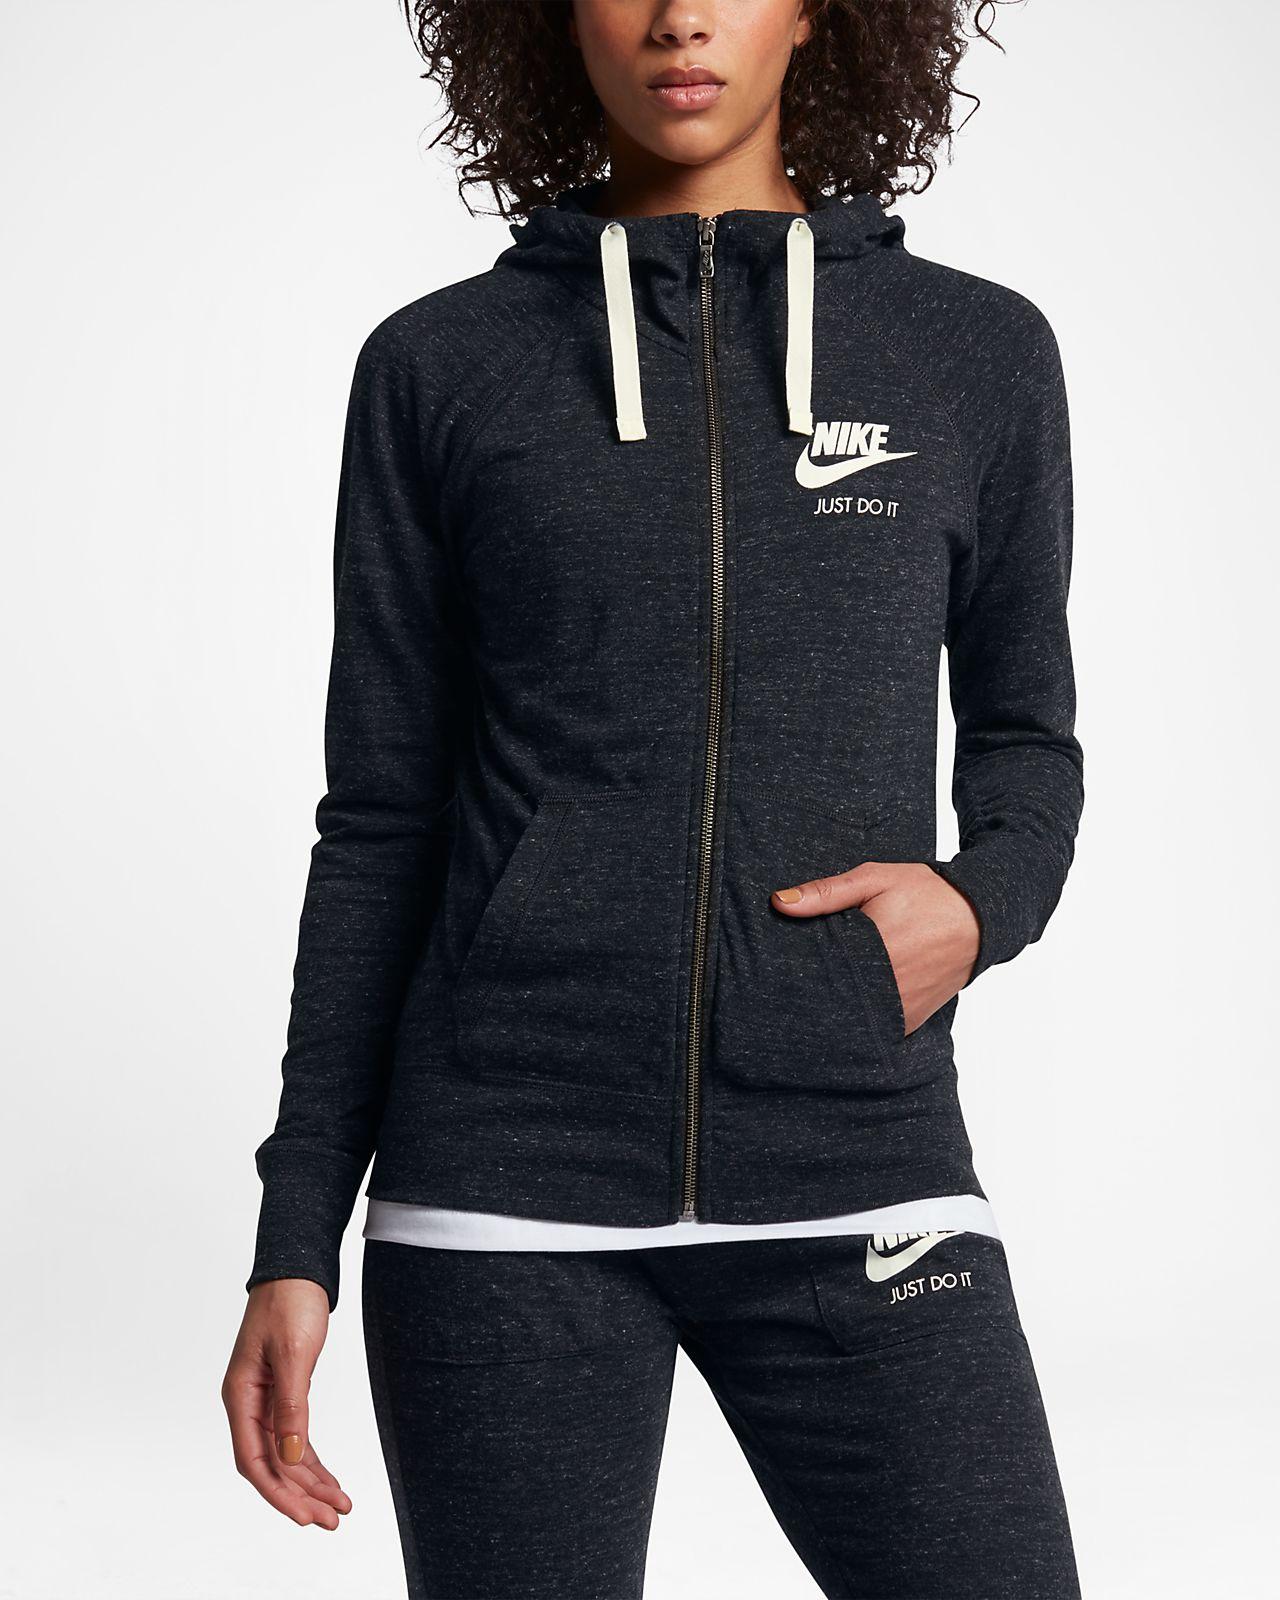 najlepiej sprzedający się najniższa cena zniżka Damska rozpinana bluza z kapturem Nike Sportswear Gym Vintage